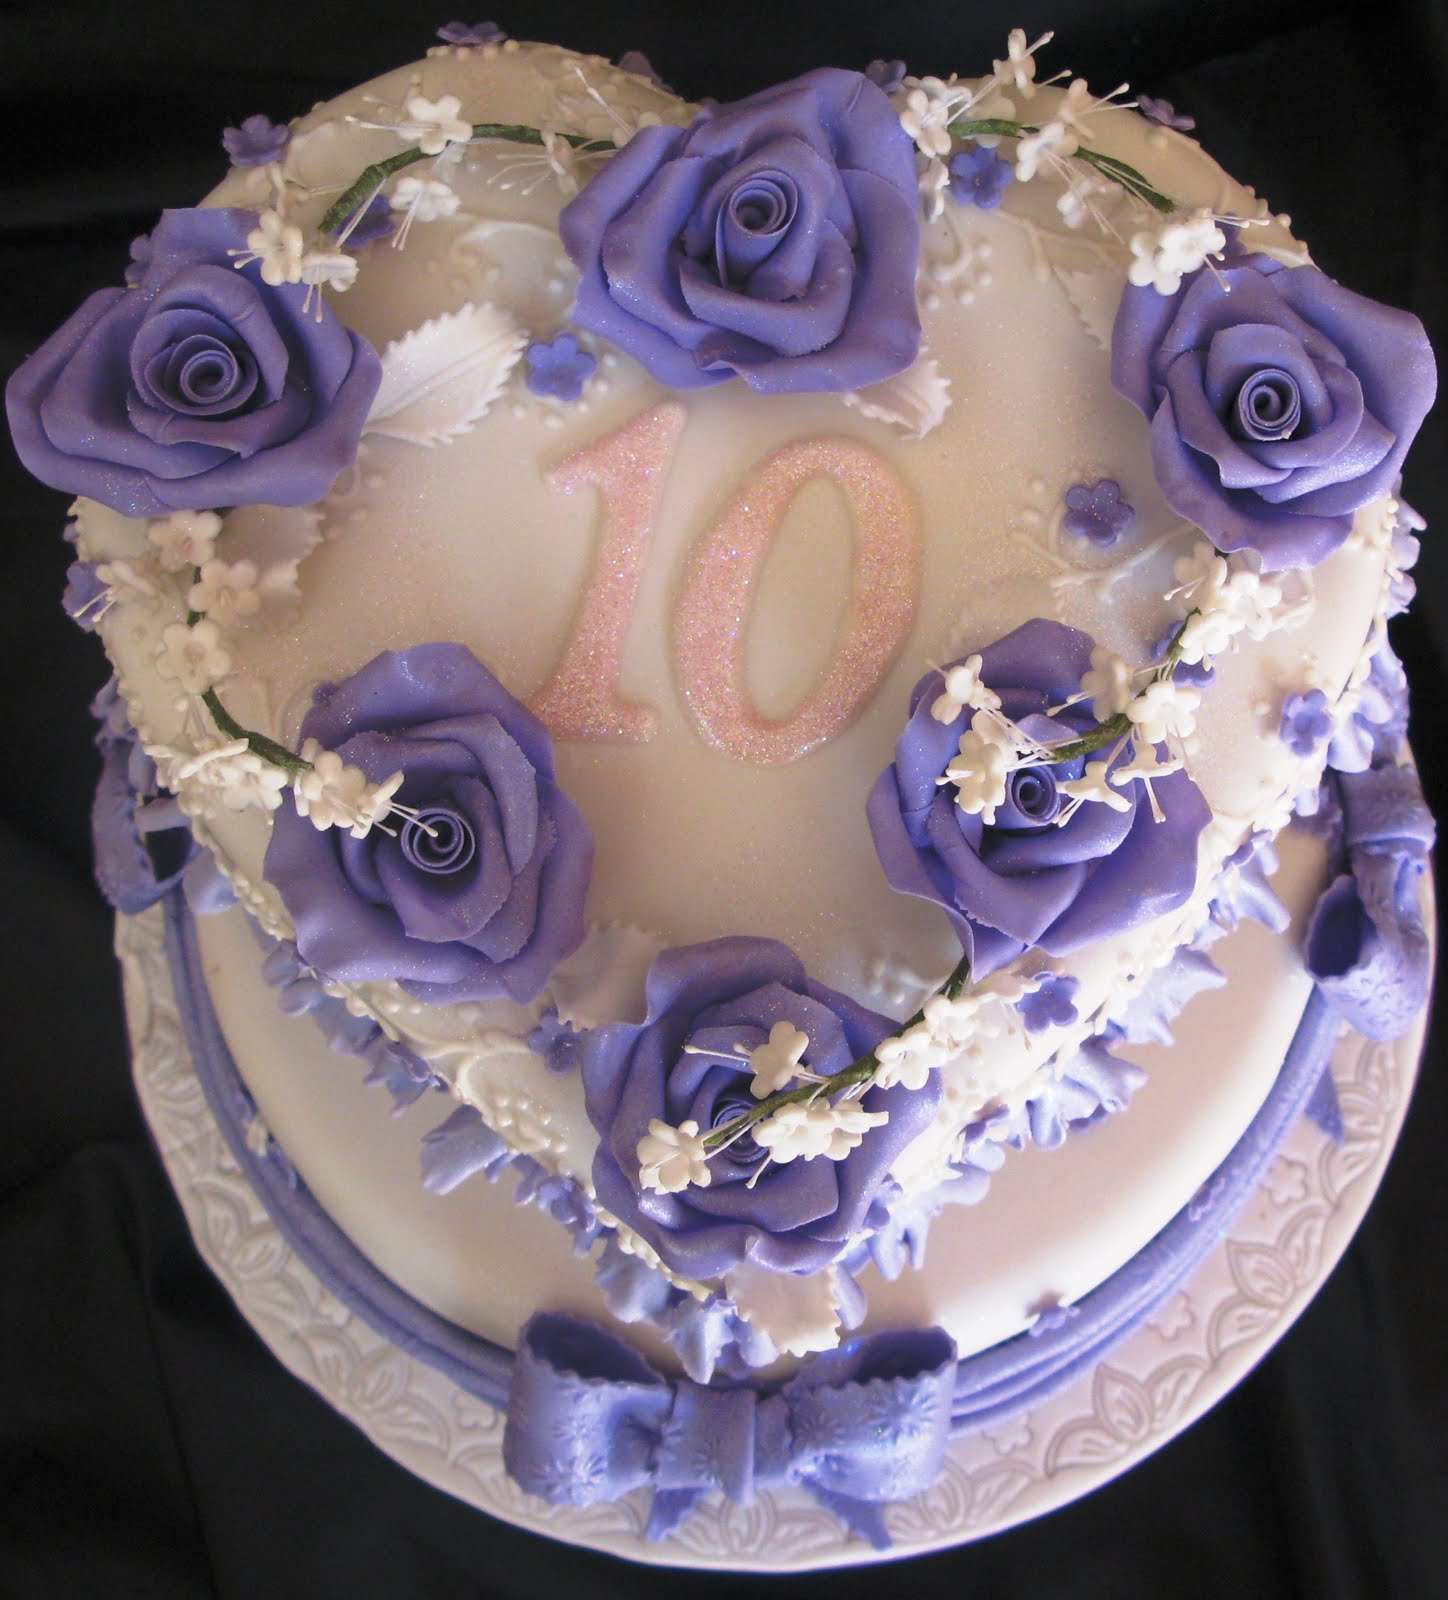 BAHAN-BAHAN Dari CAKE CINTA :